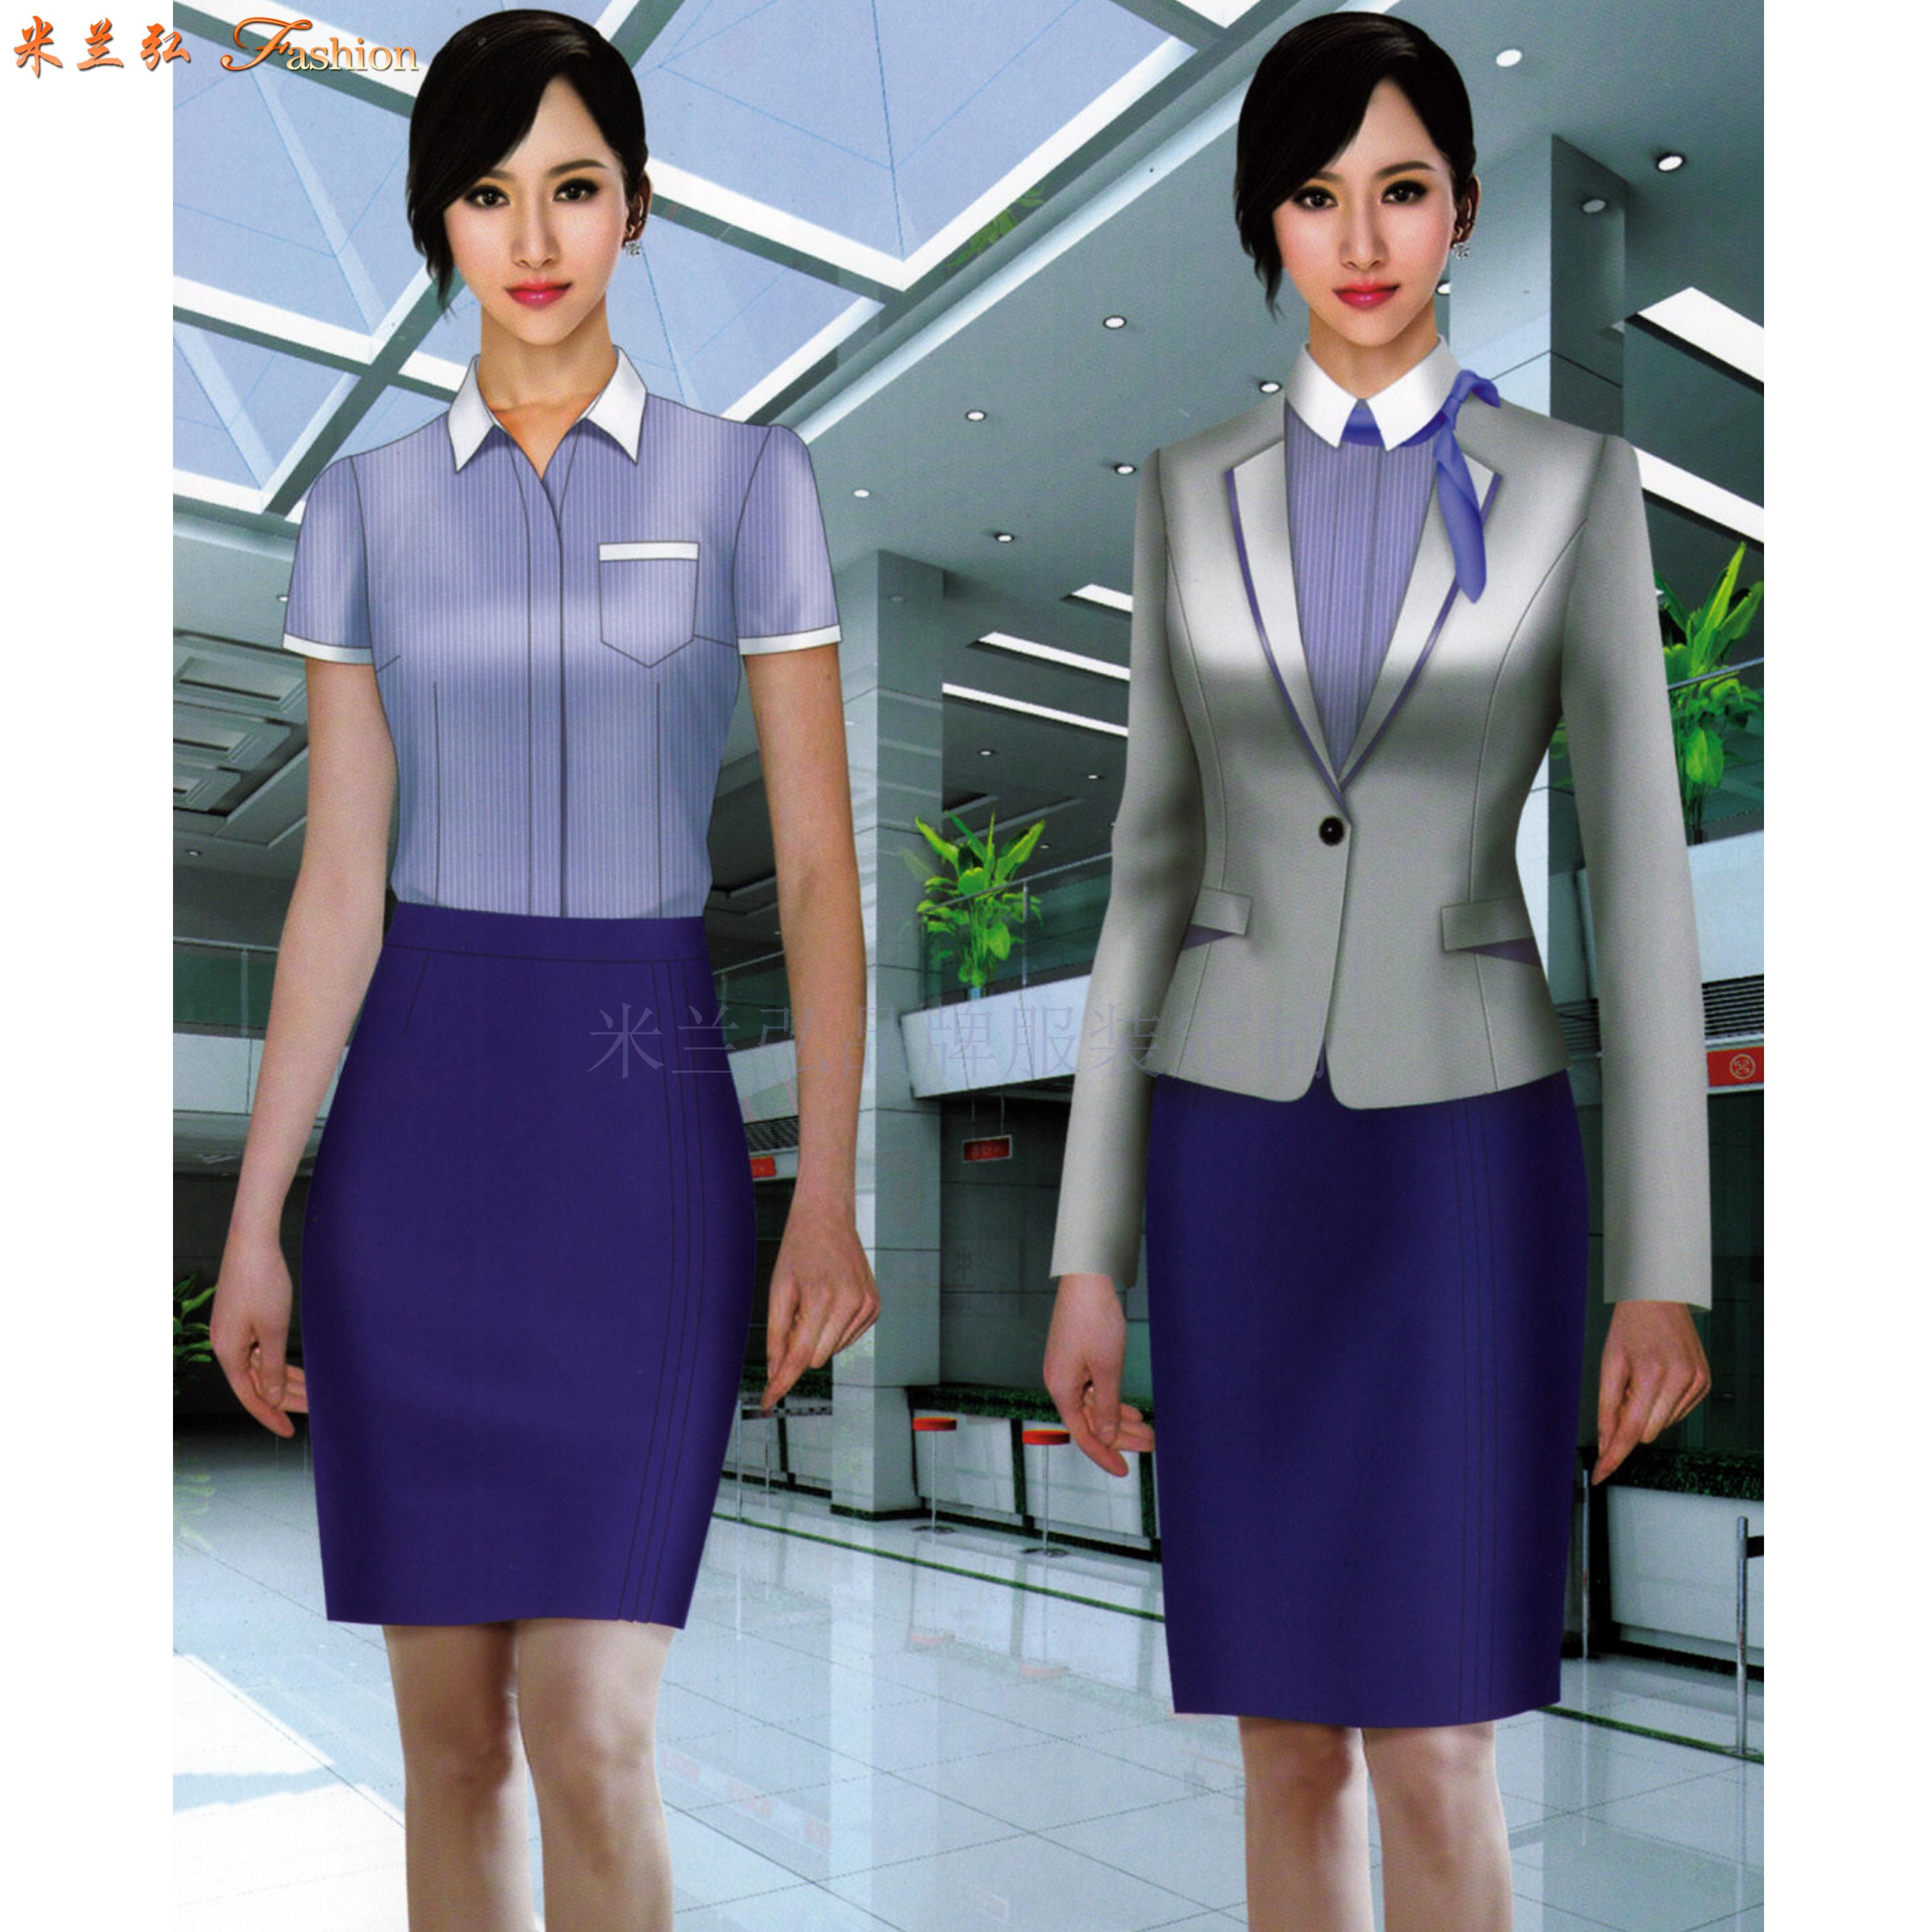 「機場地勤服裝定制」「值機工作服定做」「機場客服職業裝訂制」-1